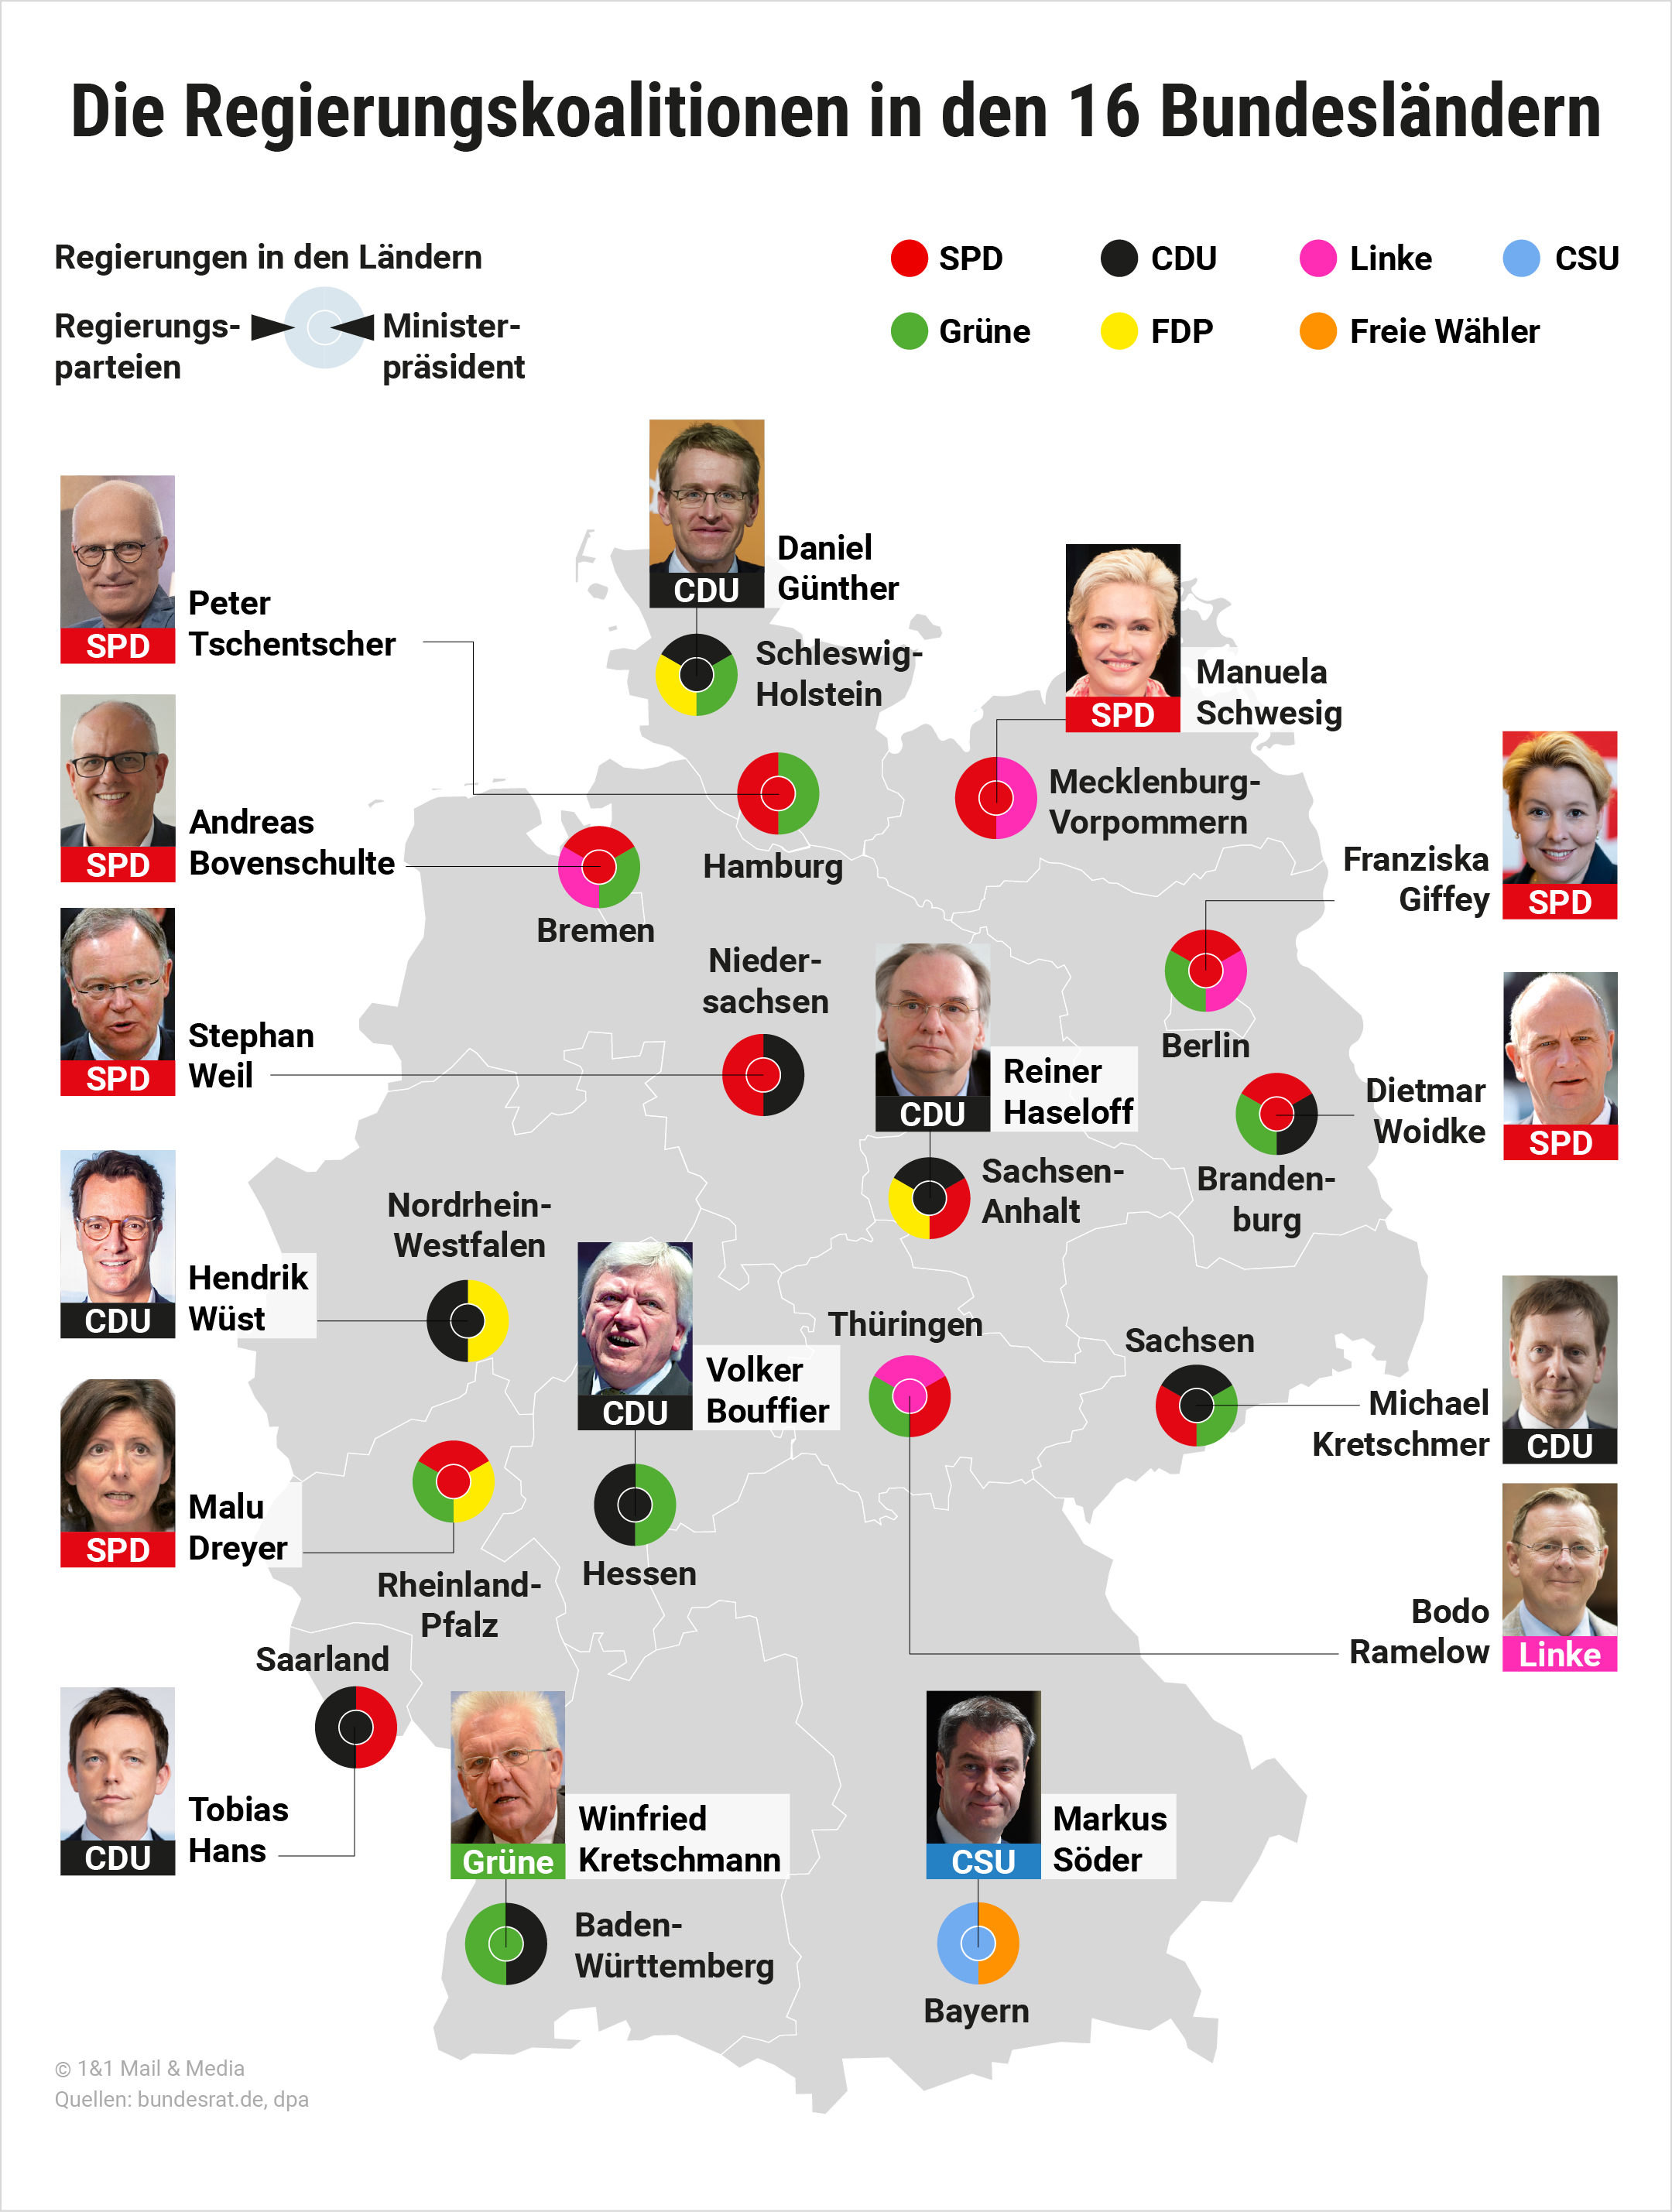 Bild zu Die Regierungskoalitionen in den 16 Bundesländern